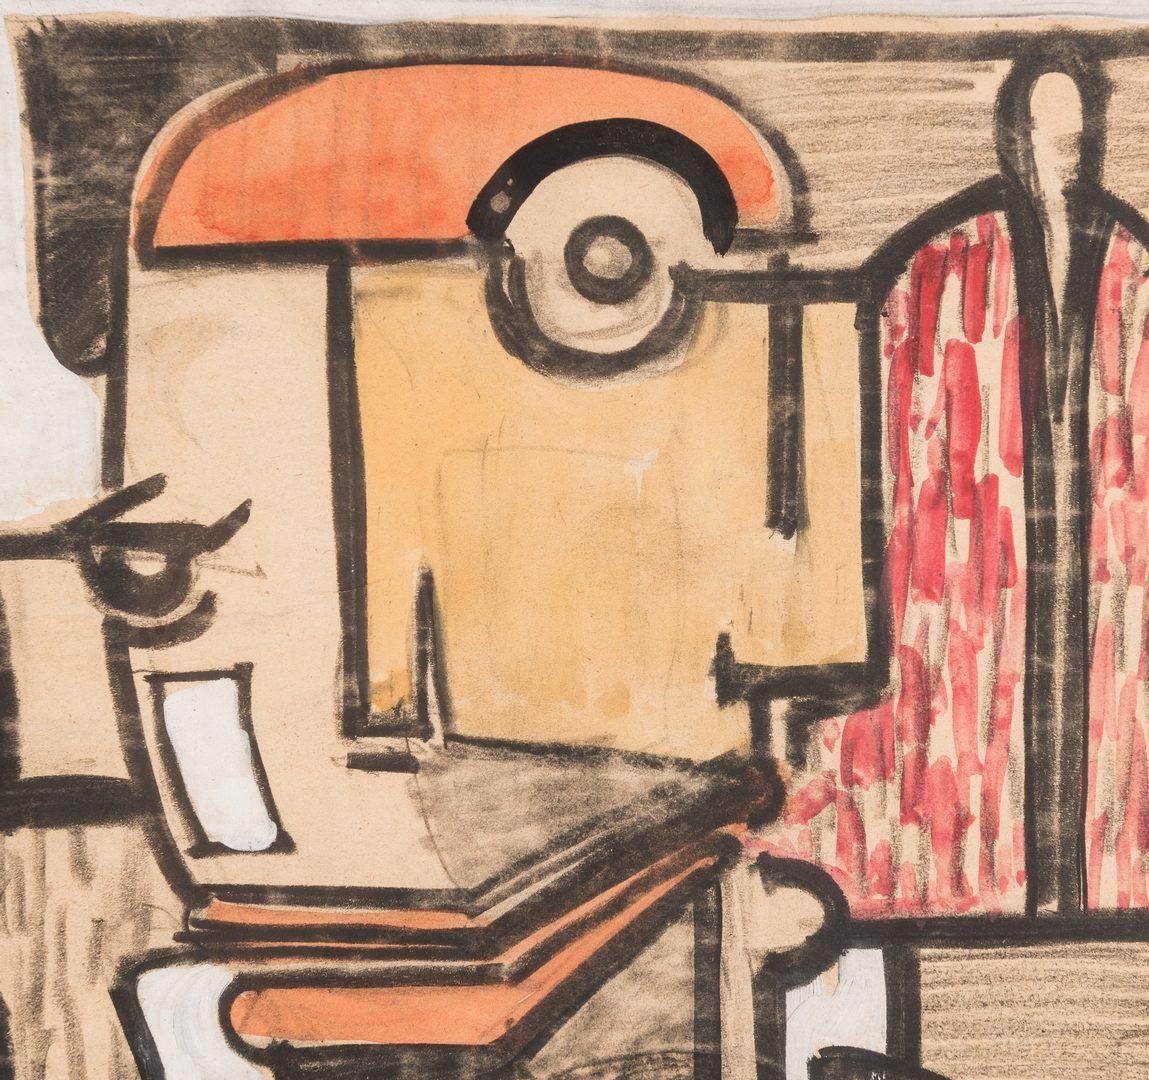 Lot 469: 2 Martin Obzina Works, framed together